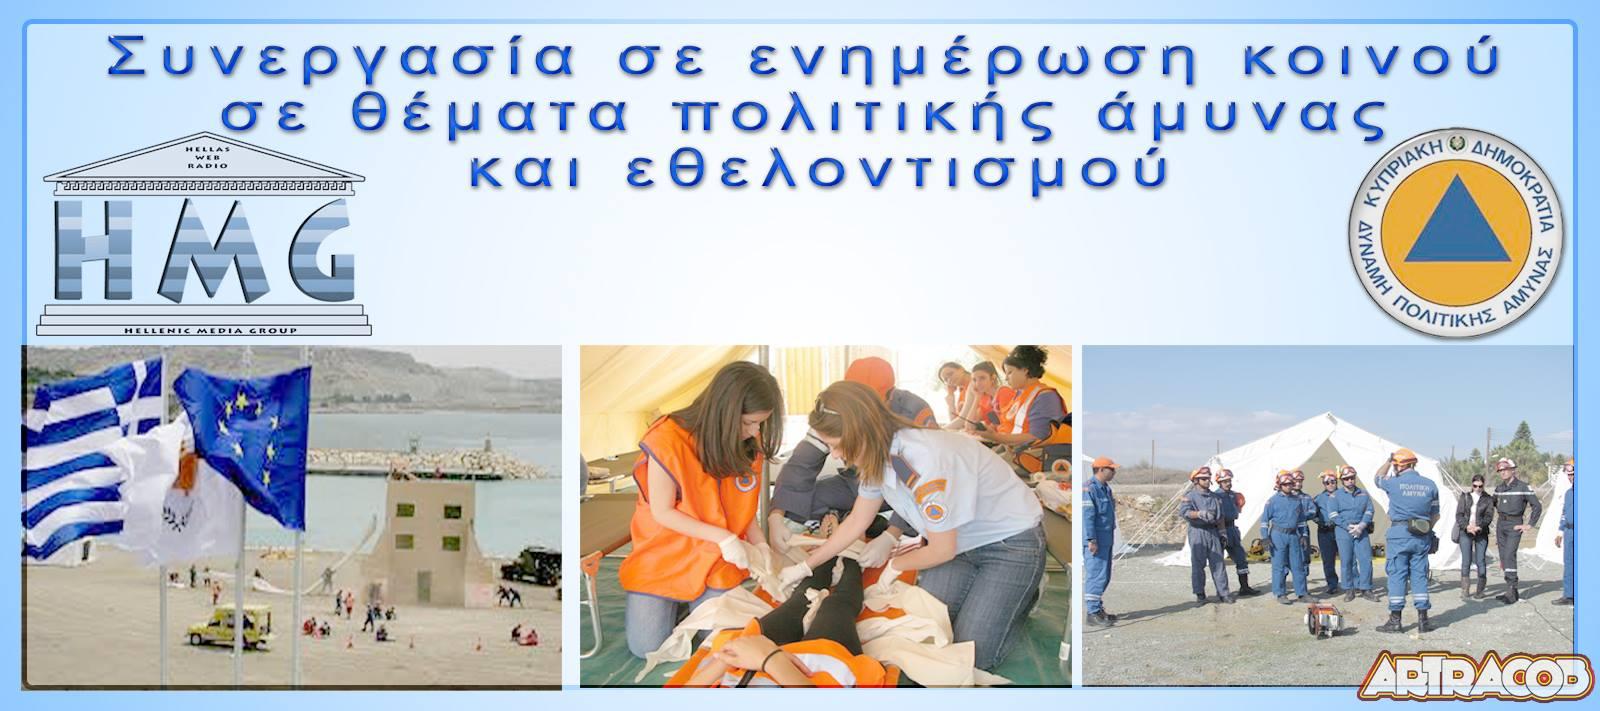 ΠΟΛΙΤΙΚΗ ΑΜΥΝΑ ΚΥΠΡΟΥ